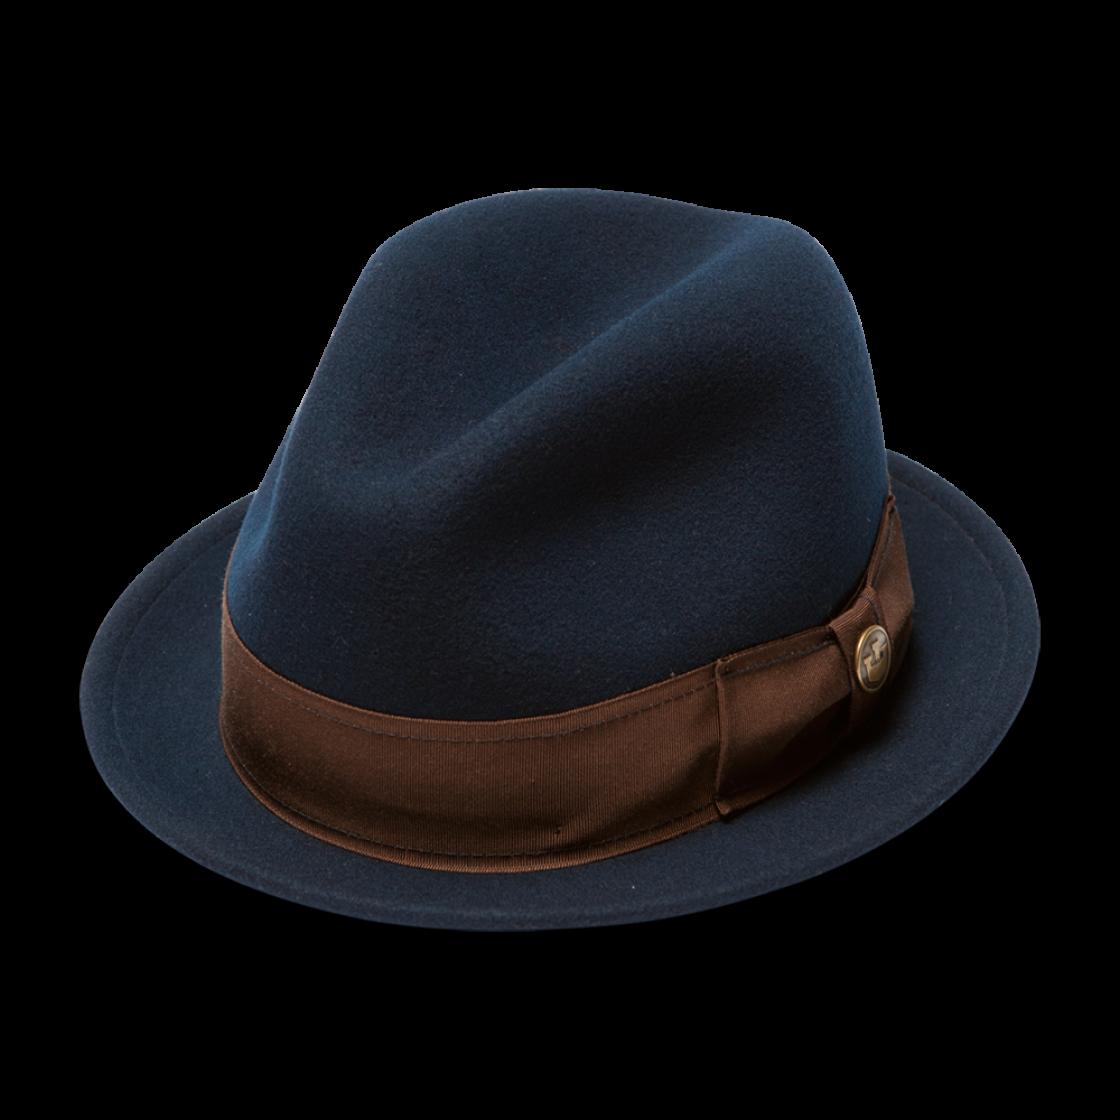 Blue Hat Png Image Hats For Men Mens Hats Fashion Fedora Hat Men